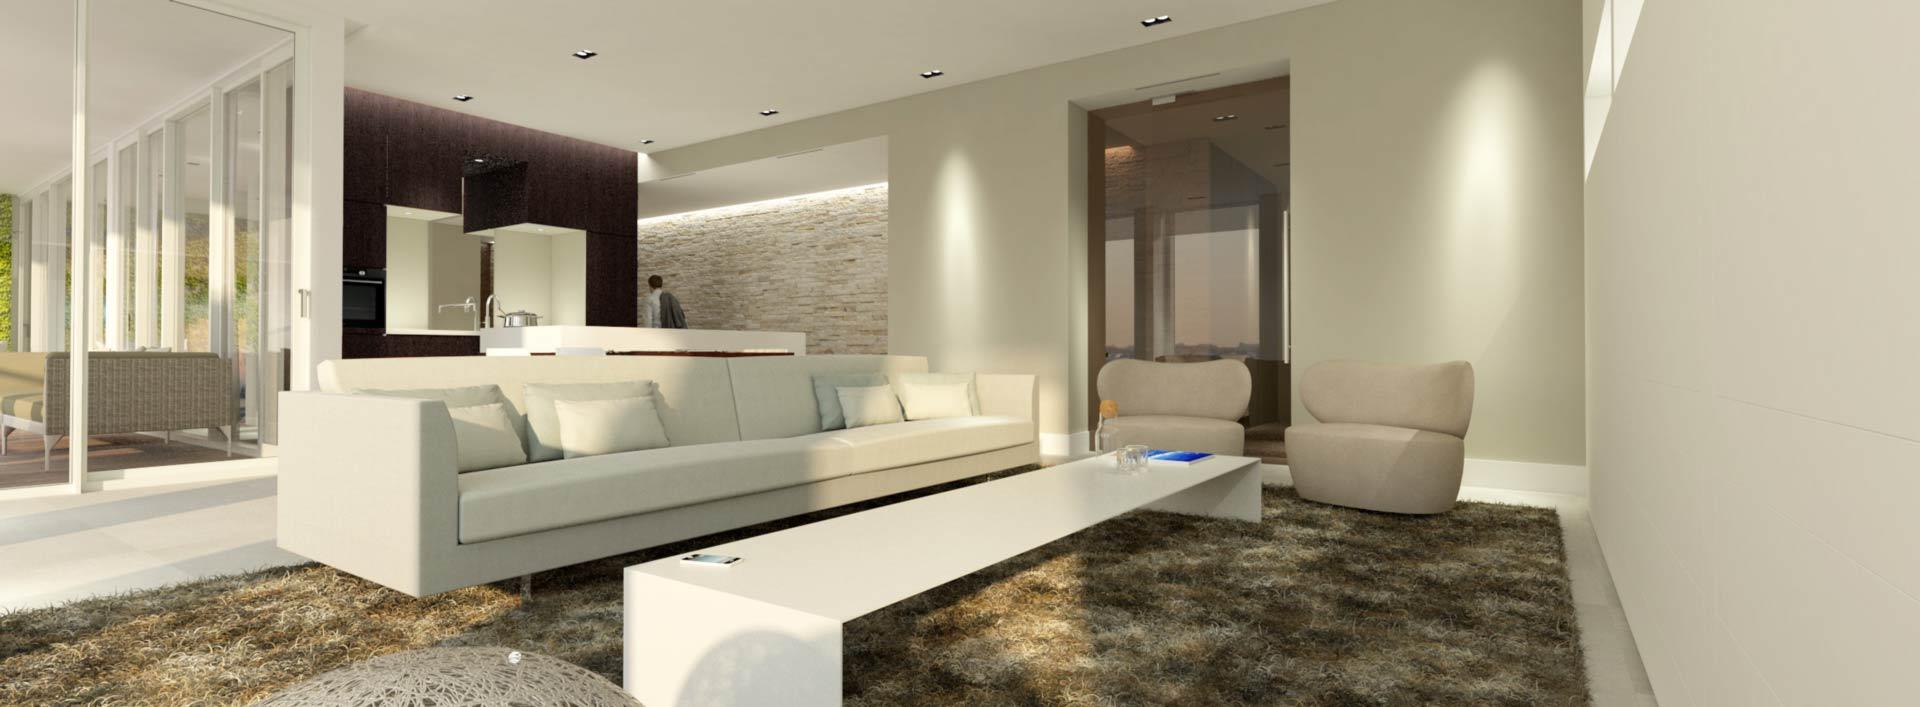 Entwurf luxus Appartement in Den Haag